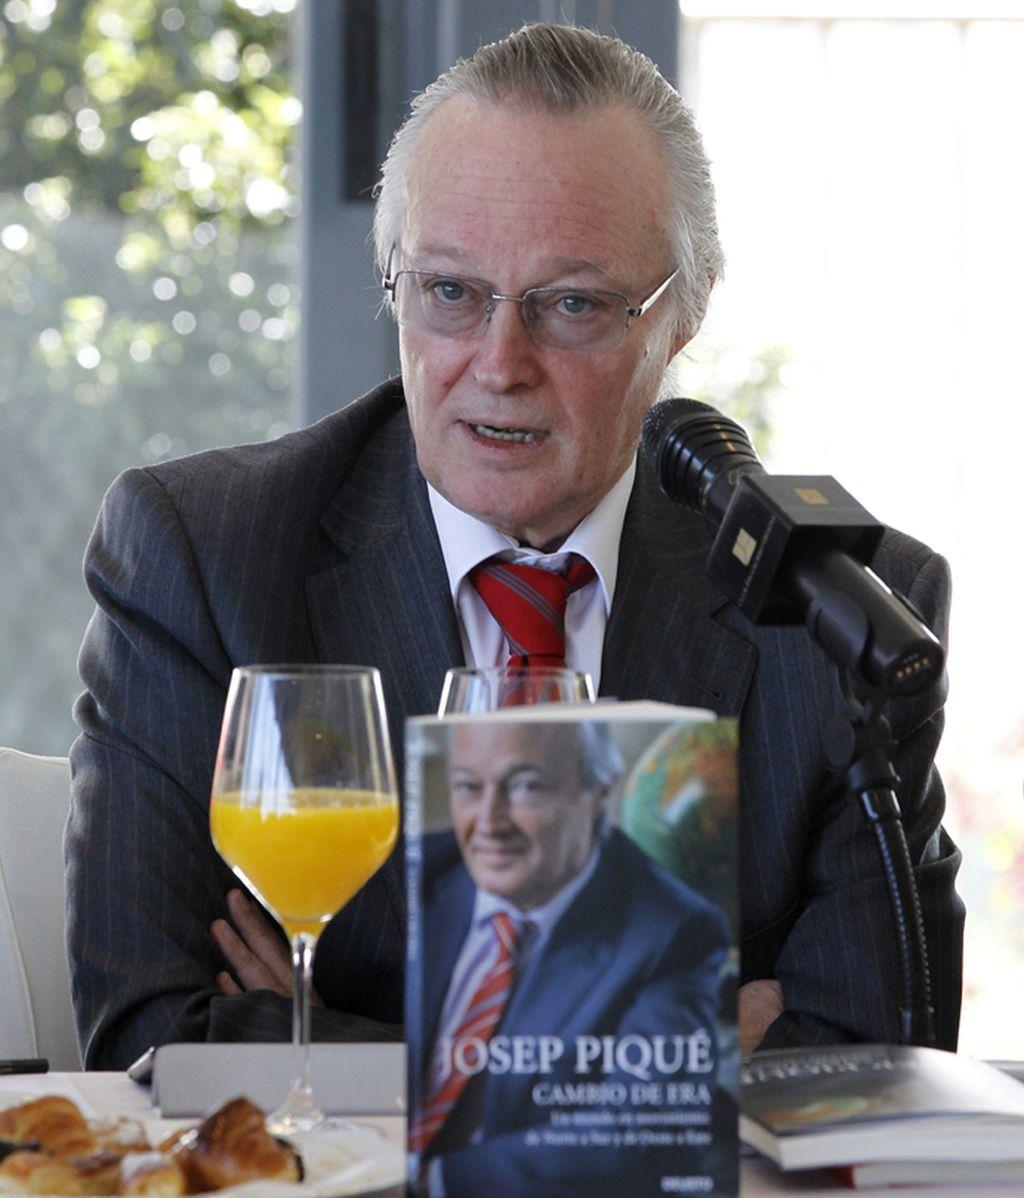 Josep Piqué durante la presentación de su libro, 'Cambio de era'